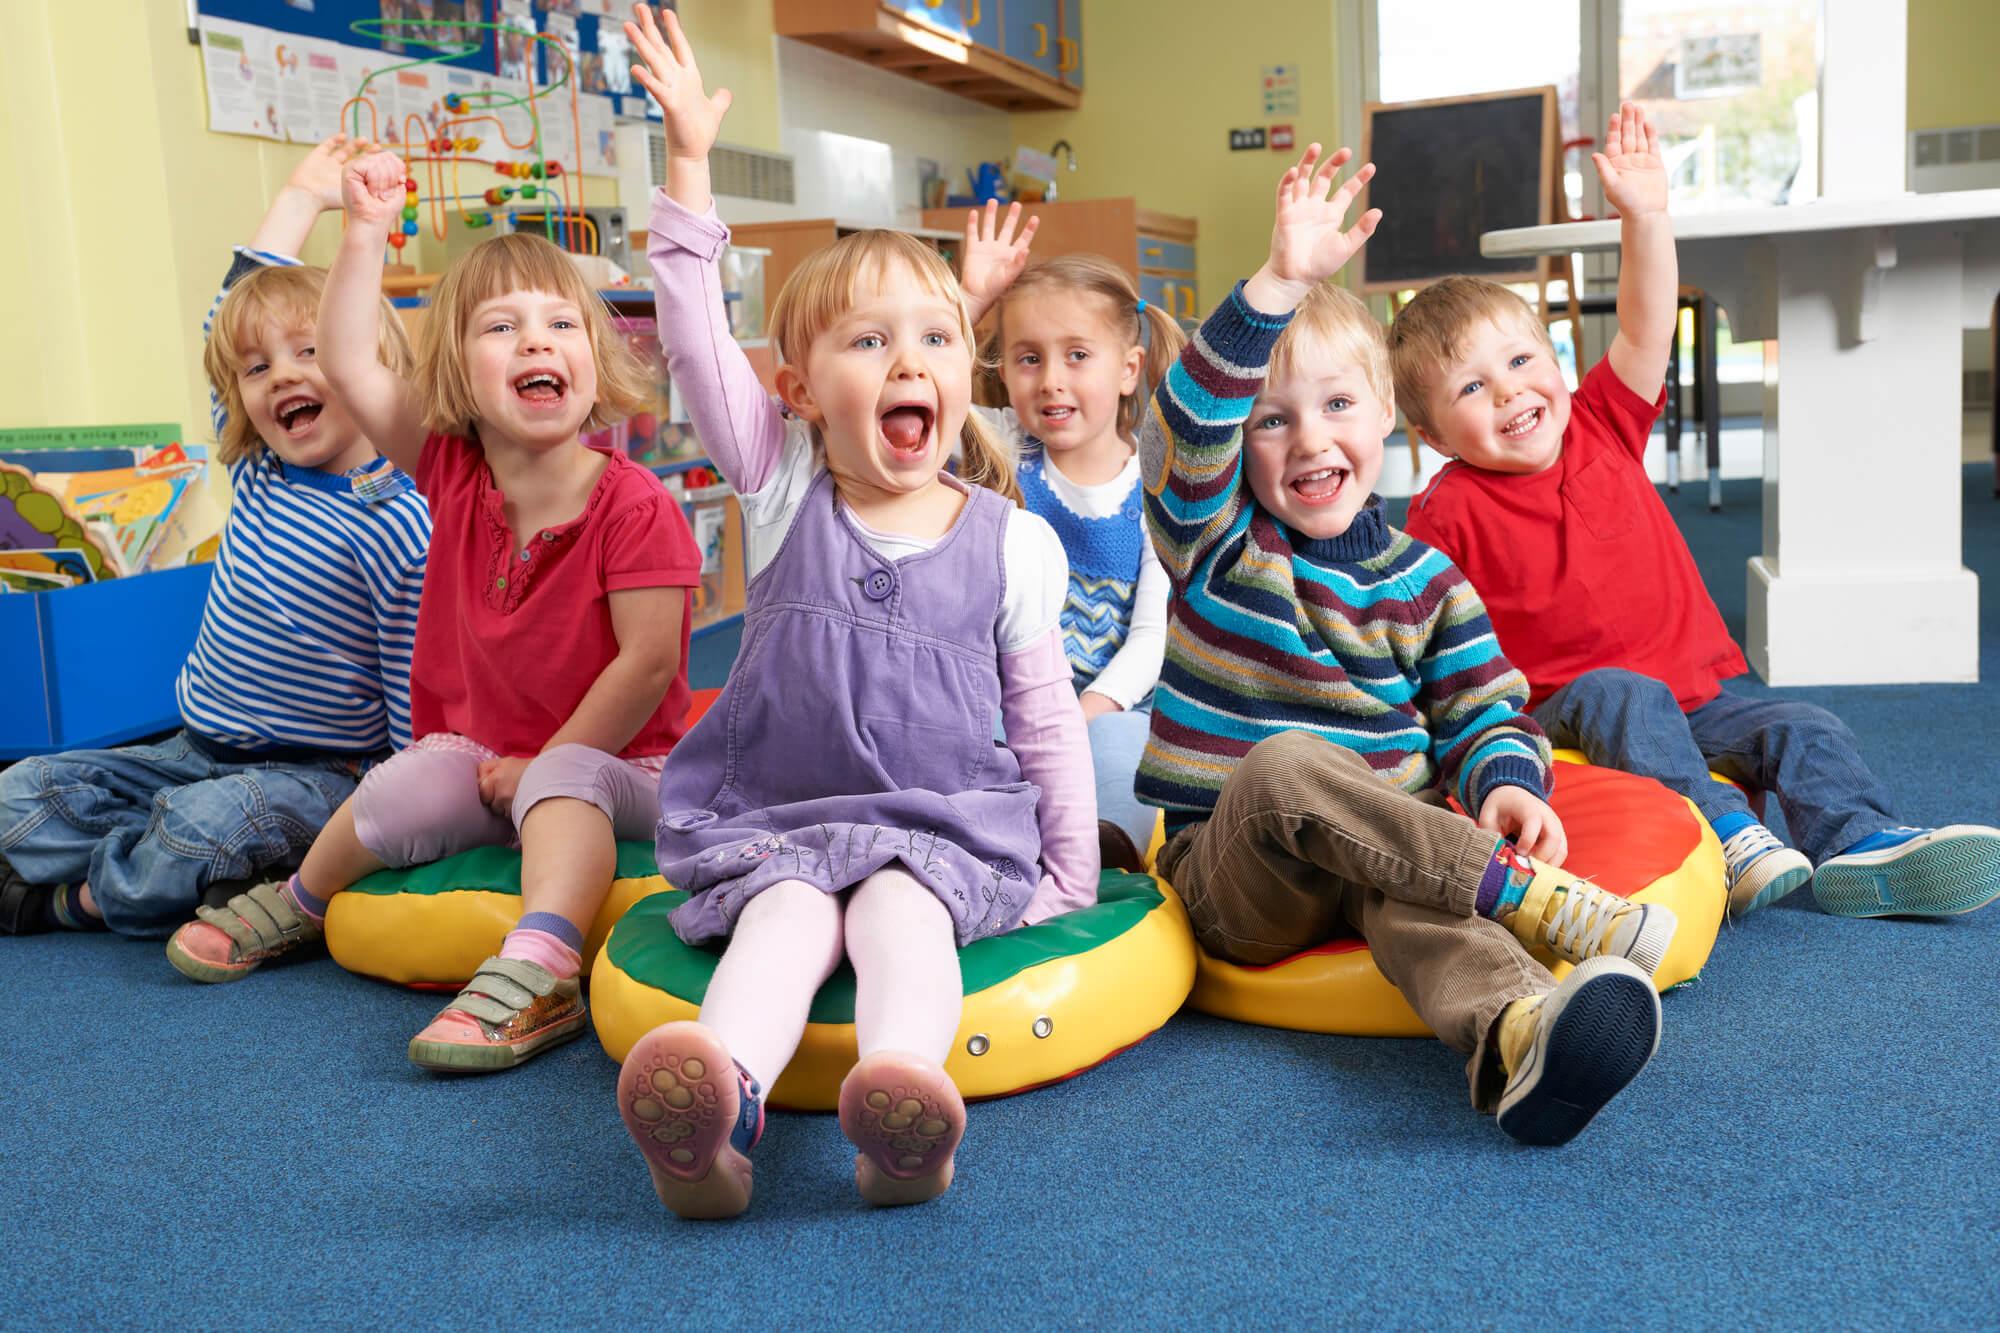 Kiedy i jak zapisać dziecko do przedszkola? | Smyk.com